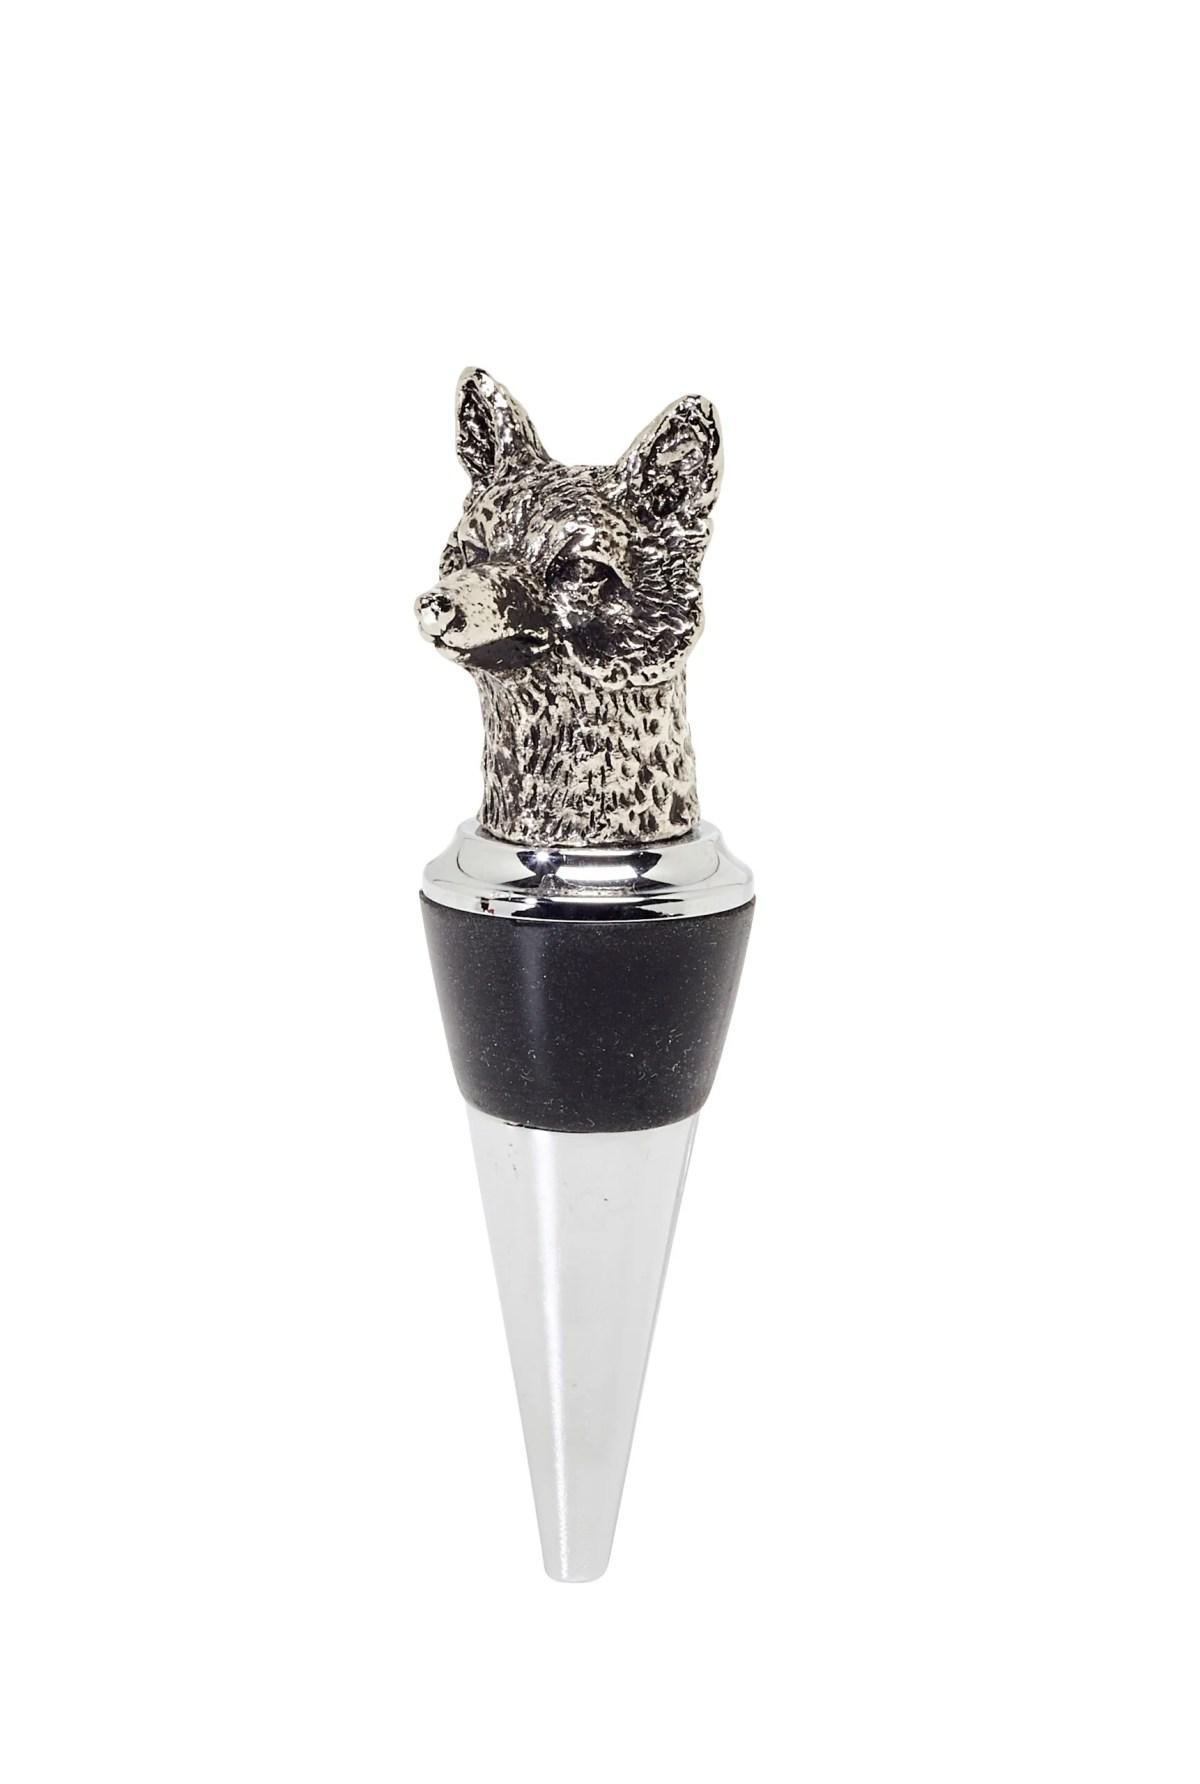 2165 Edzard Flaschenverschluss Weinverschluss 3 Stück Tiere Figuren Jäger Korken Glas